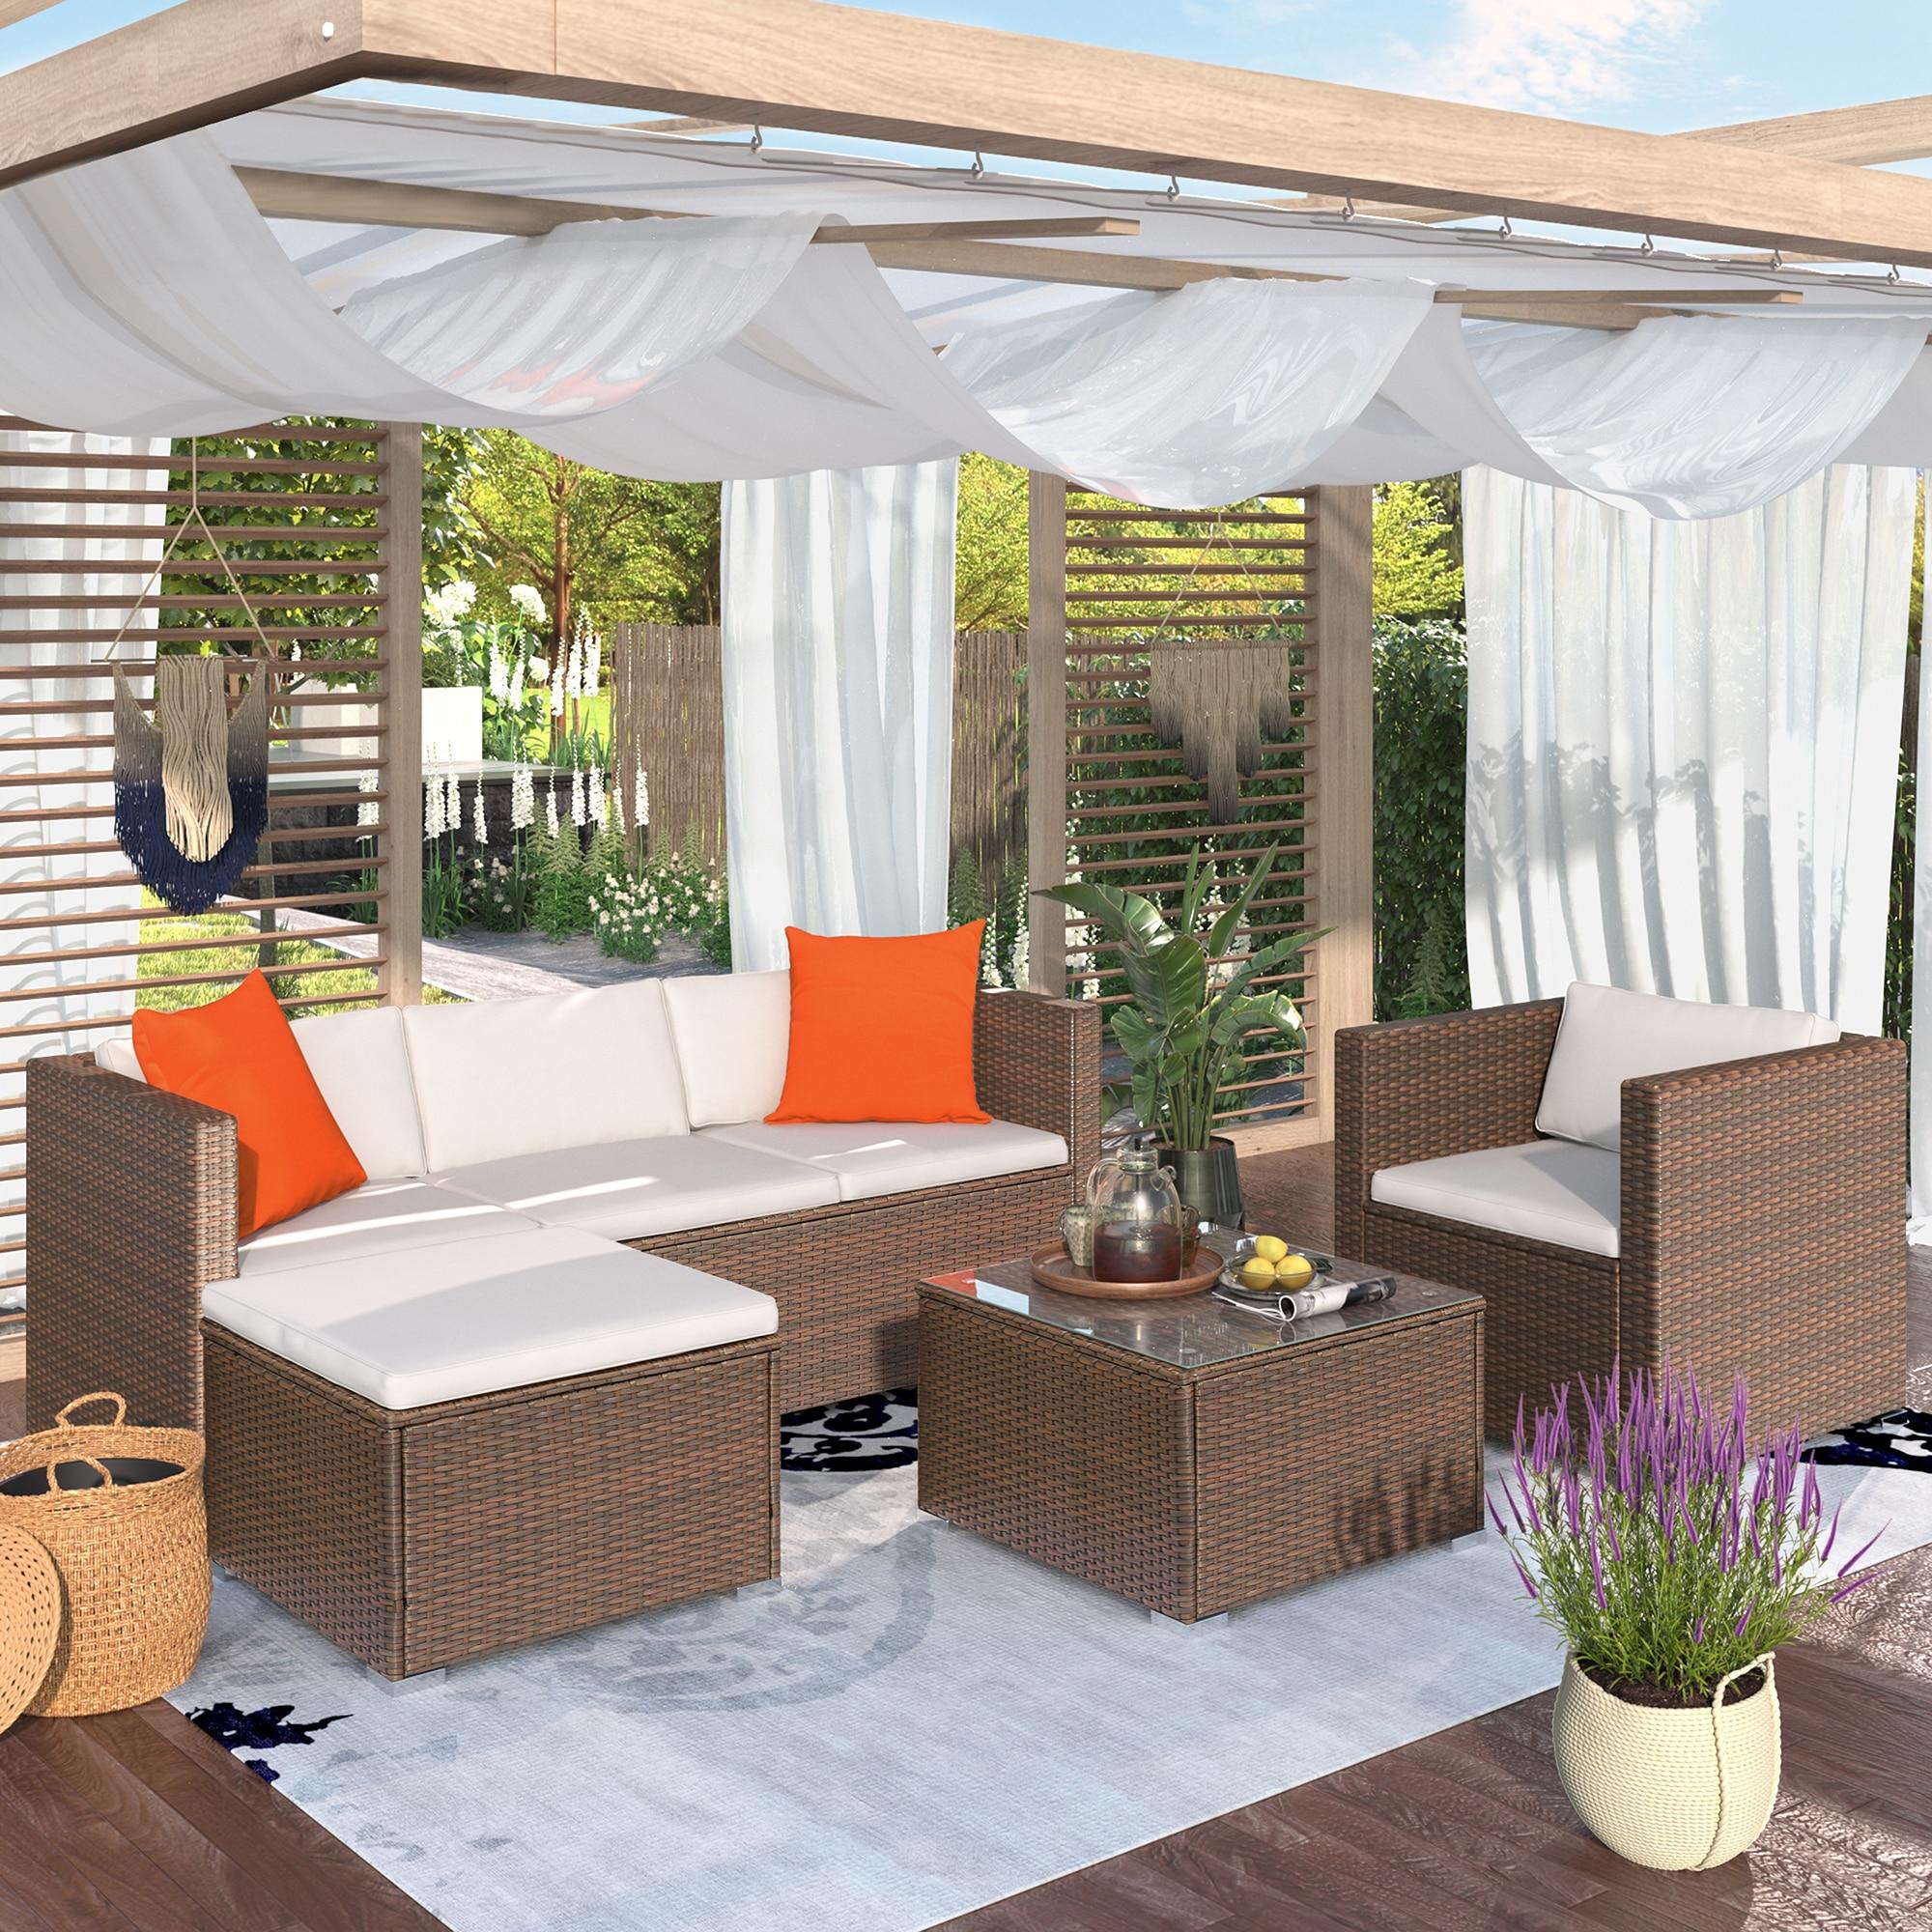 Современный секционный набор диванов для улицы, Плетеный комплект мебели для патио, мягкие садовые наборы, Прямая поставка, современный